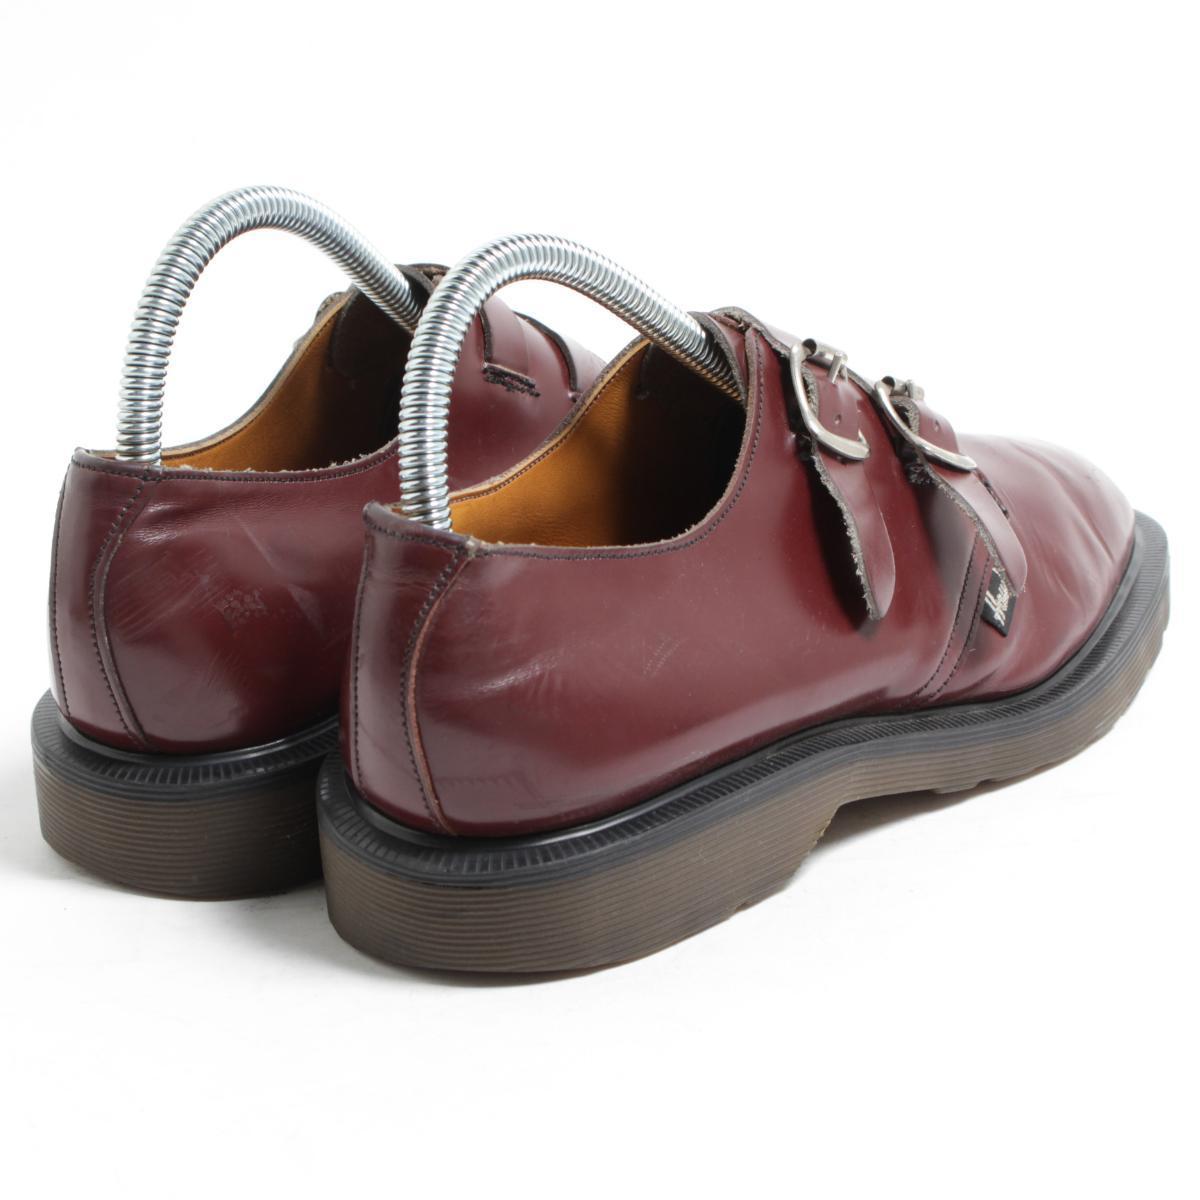 UK7 men 25.5cm /bom6604 made in the doctor Martin Dr.Martens HAWKINS collaboration Hawkins strap shoes U.K.